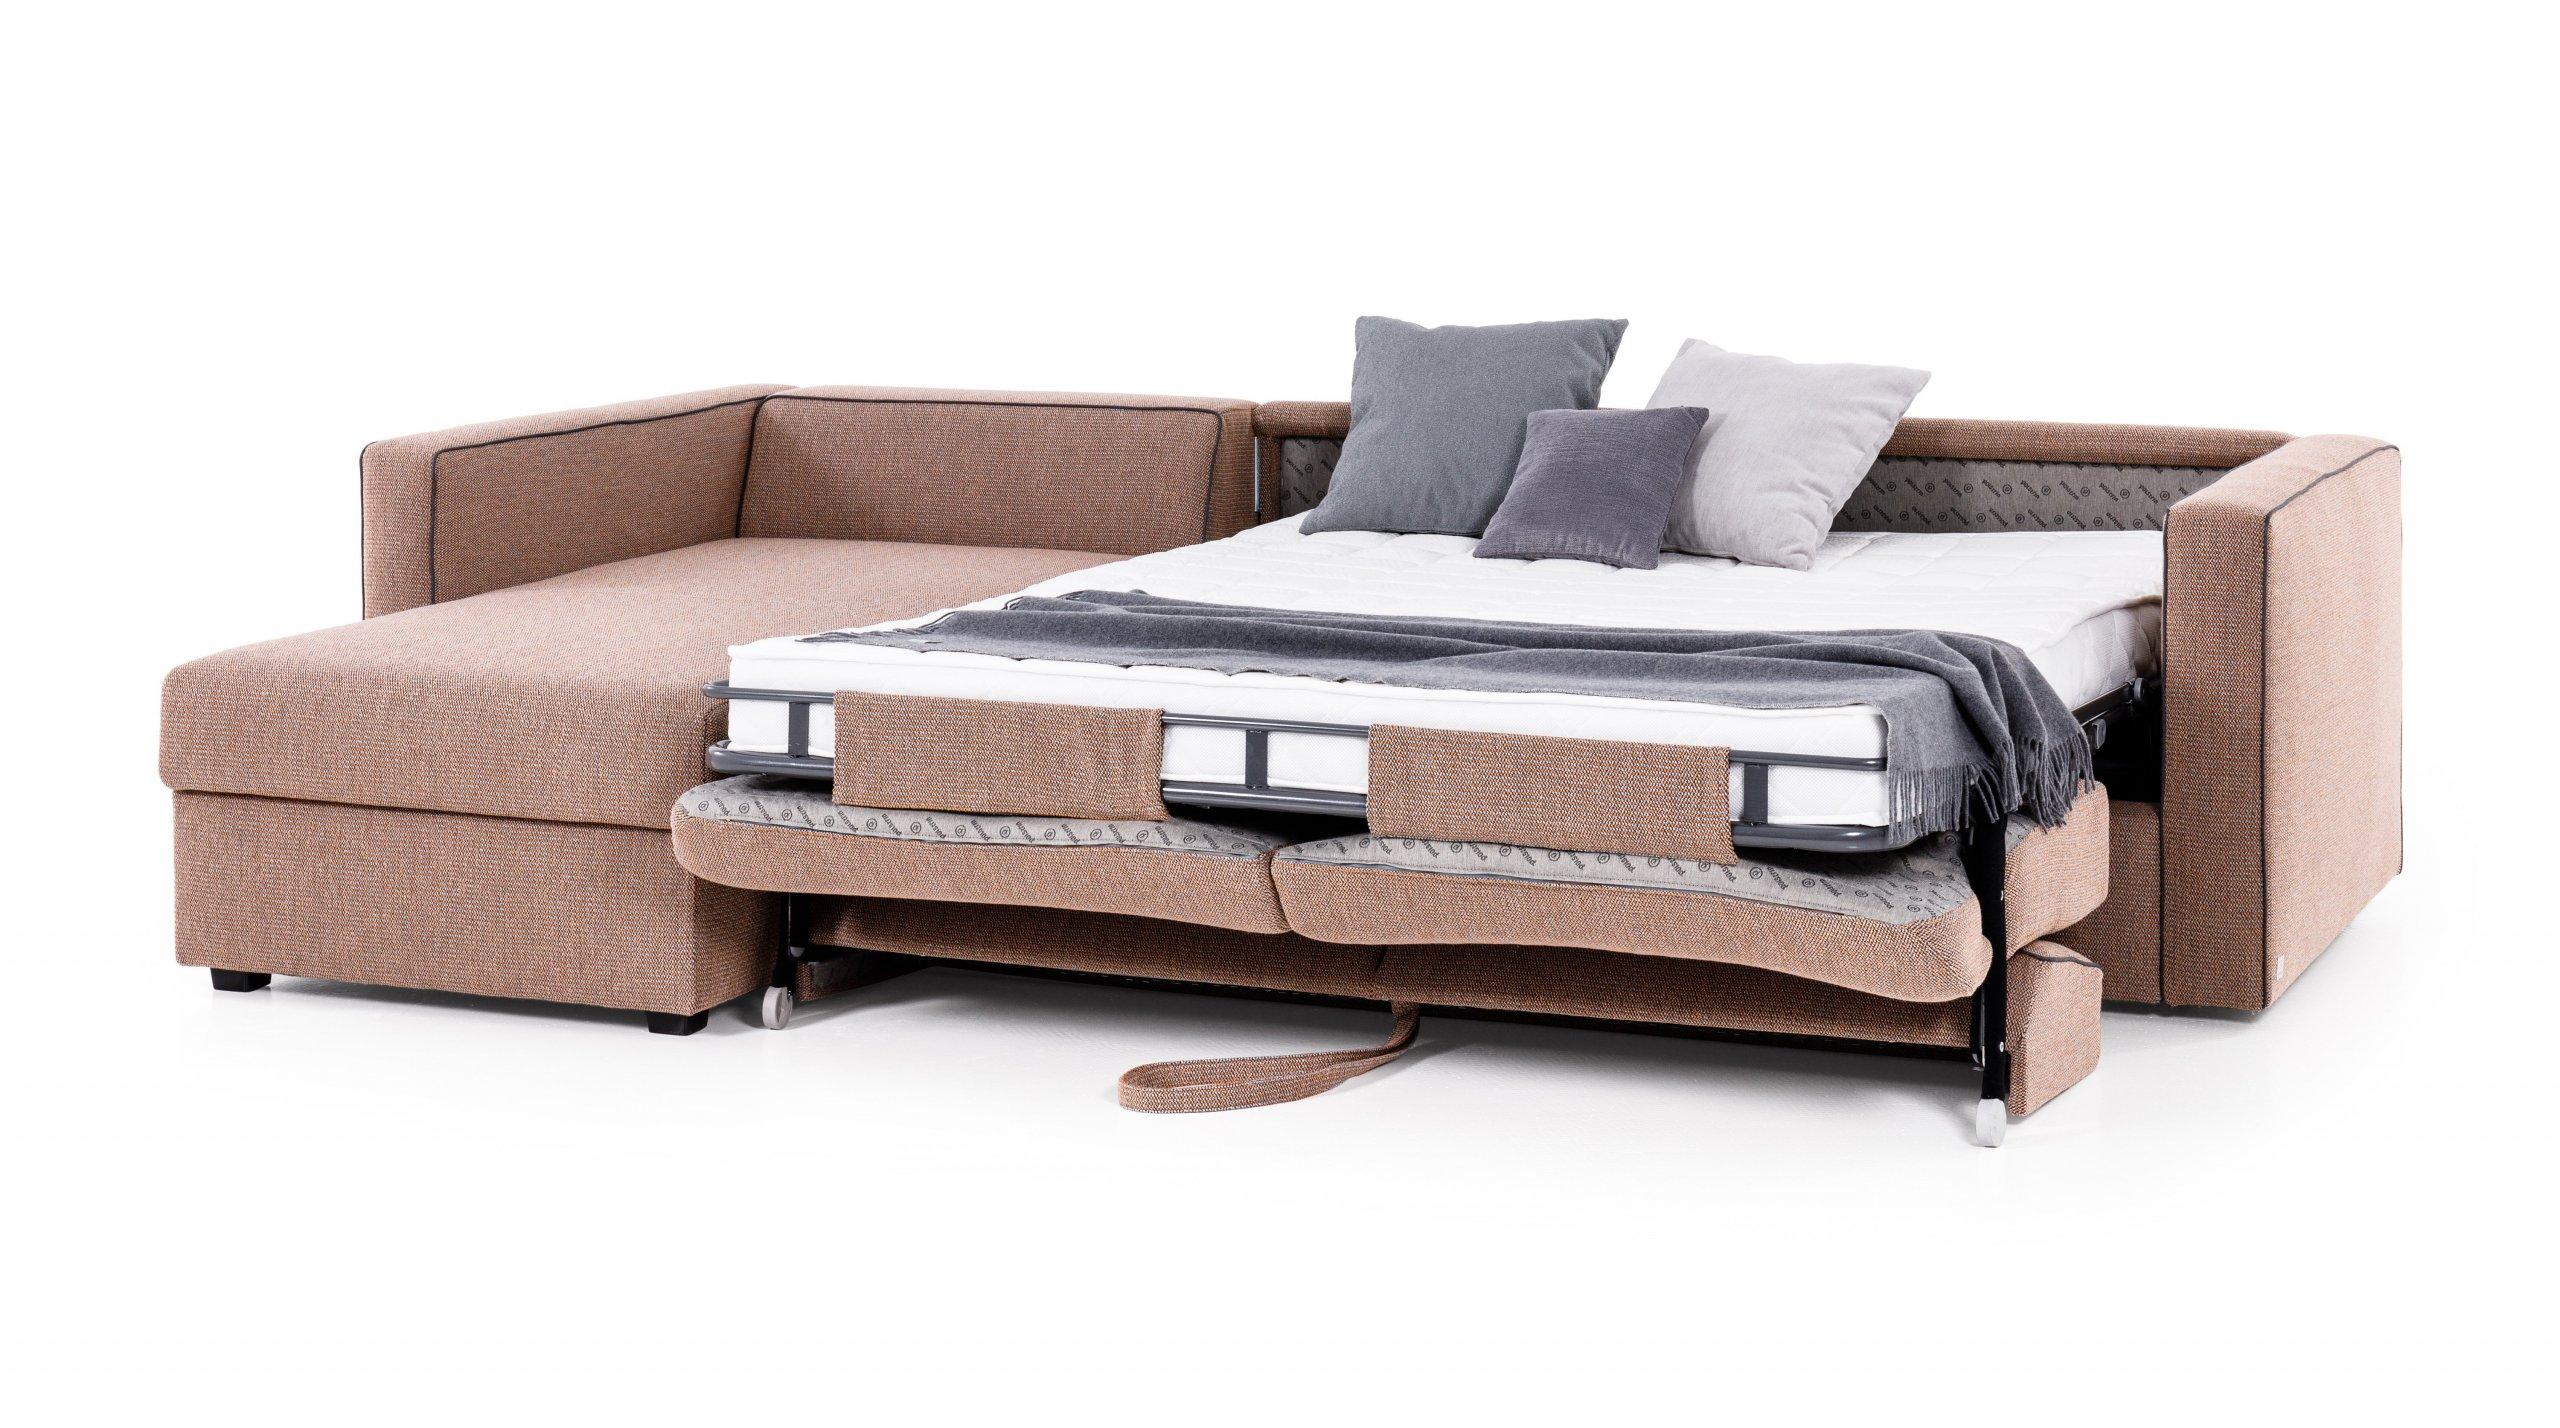 Bojujete ve svém bytě s každým centimetrem? Noc co noc se tísníte na úzké sedačce v obýváku, protože velká postel by vám zabrala spoustu místa? Proč tedy nevyužít dnešní moderní nábytek, který poskytuje spoustu vychytávek? V článku vám představíme rozkládací pohovky, které můžete využít pro každodenní spaní.